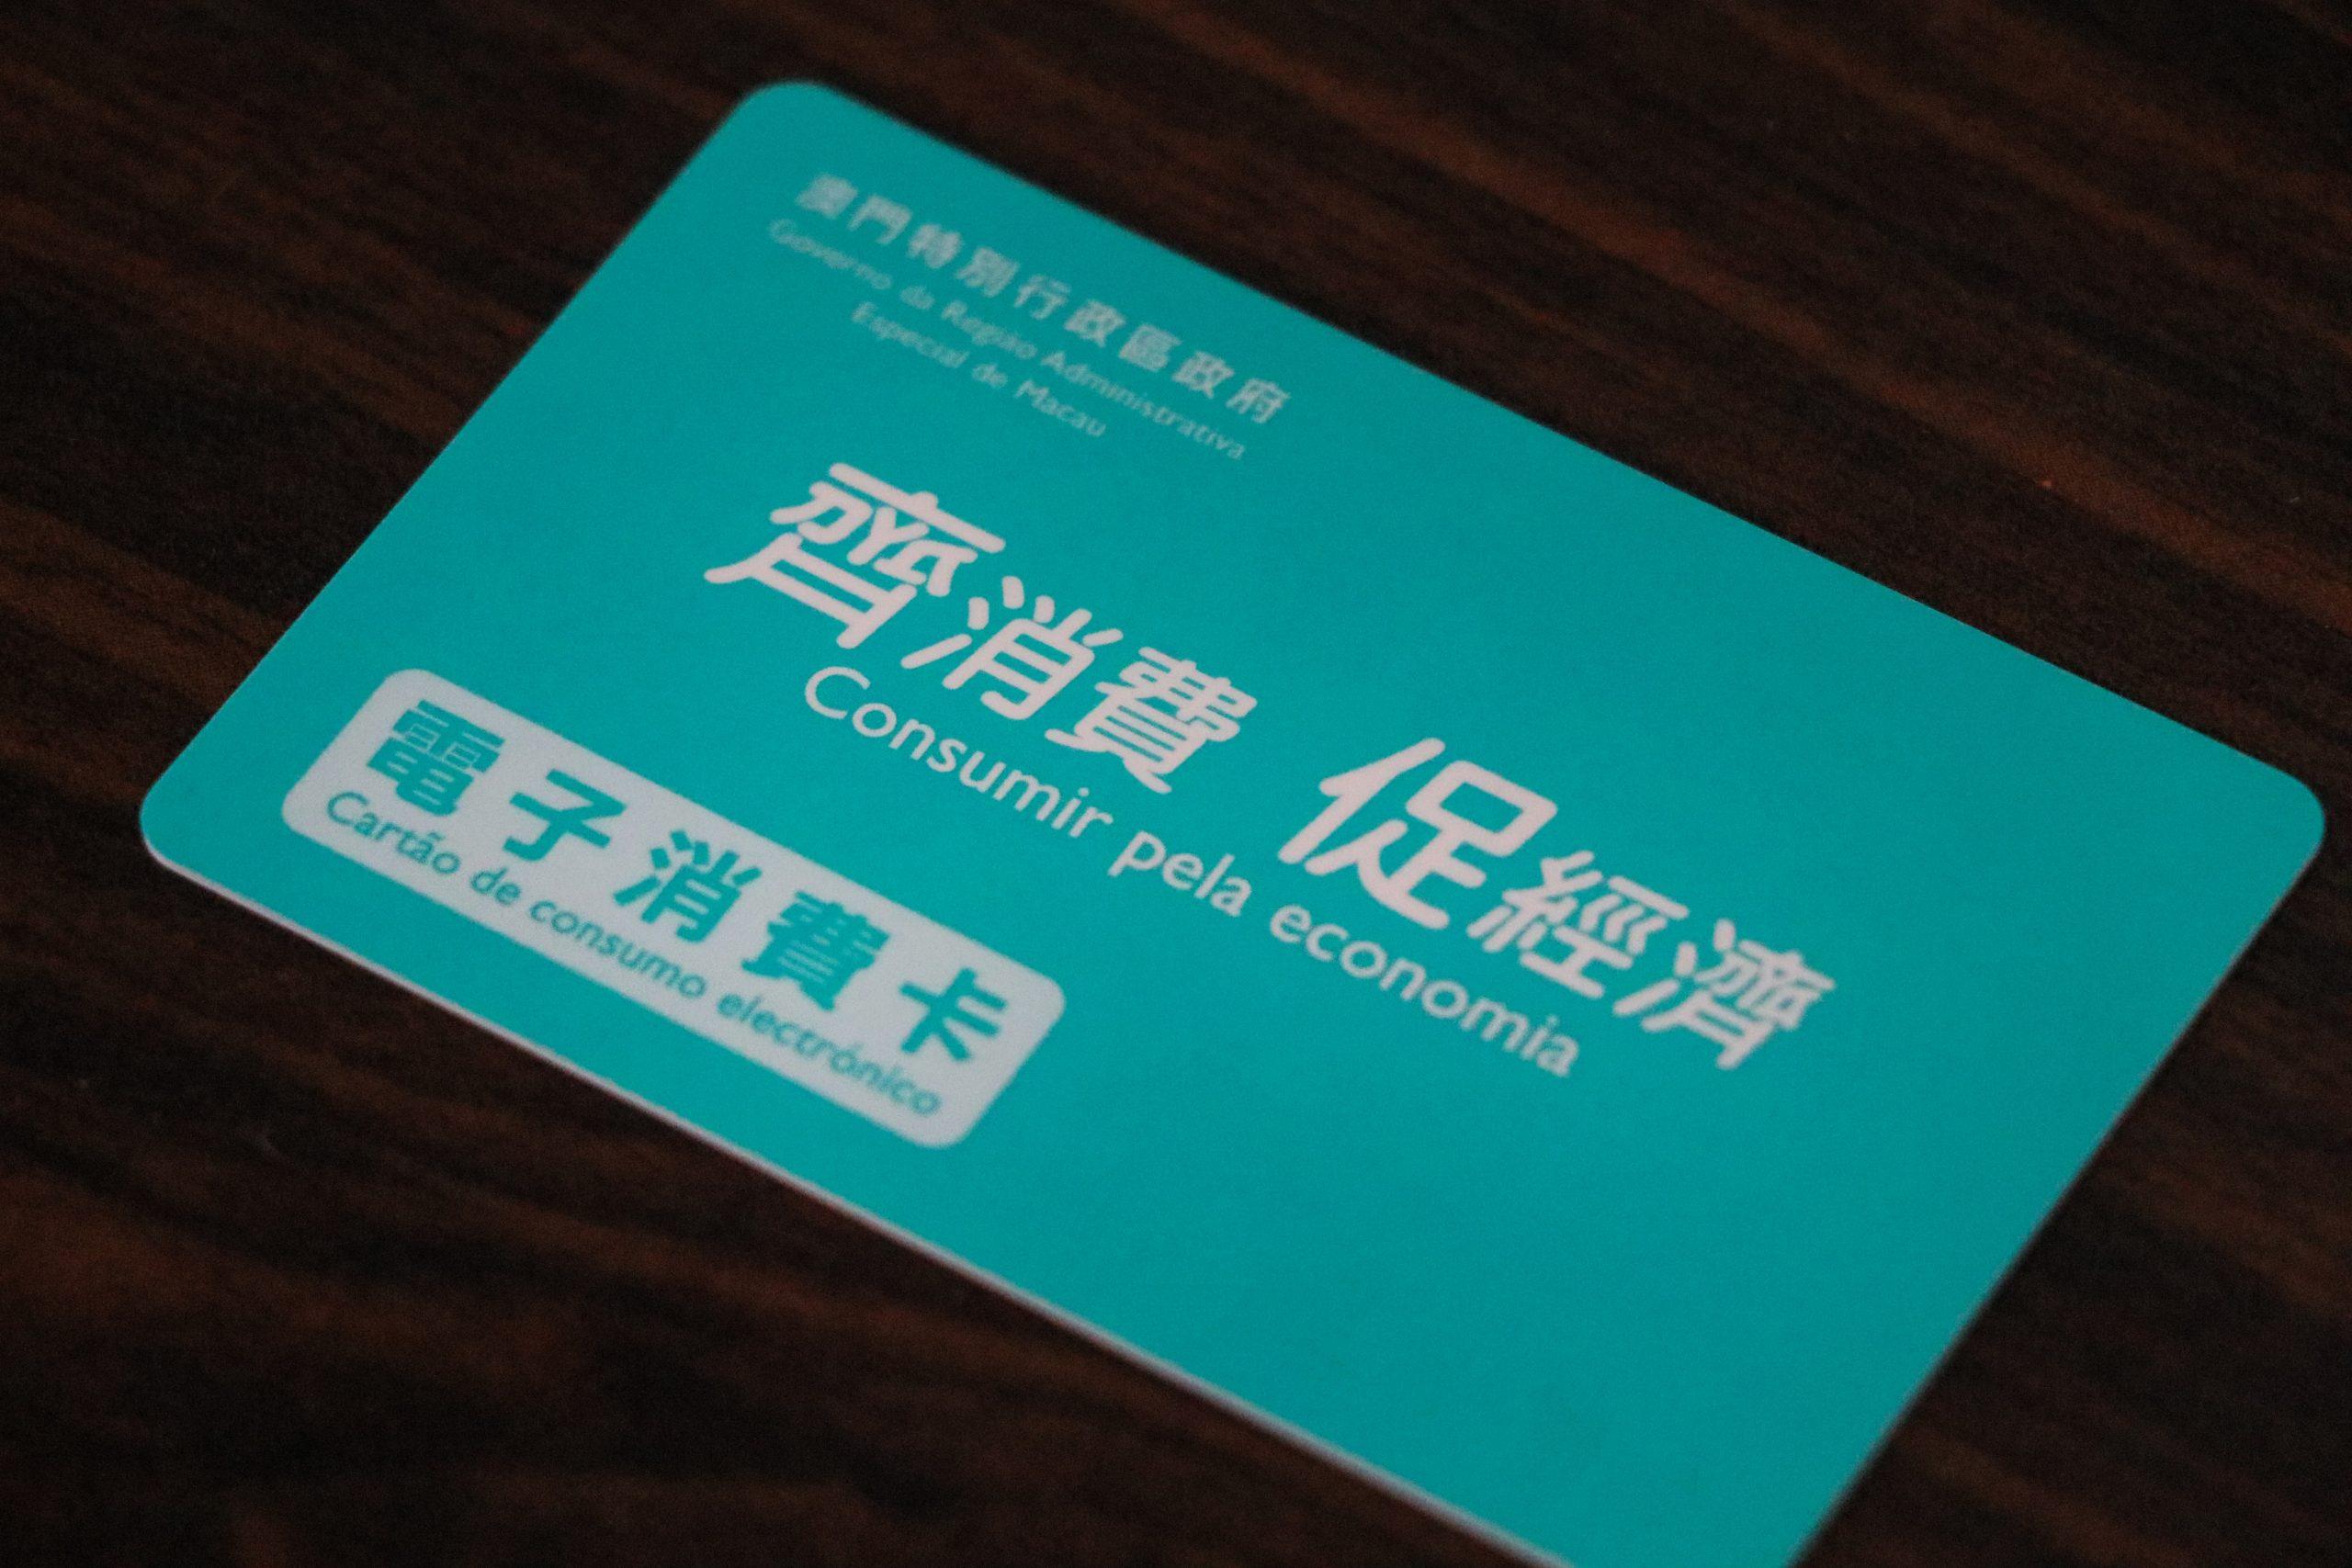 Macau consumption card